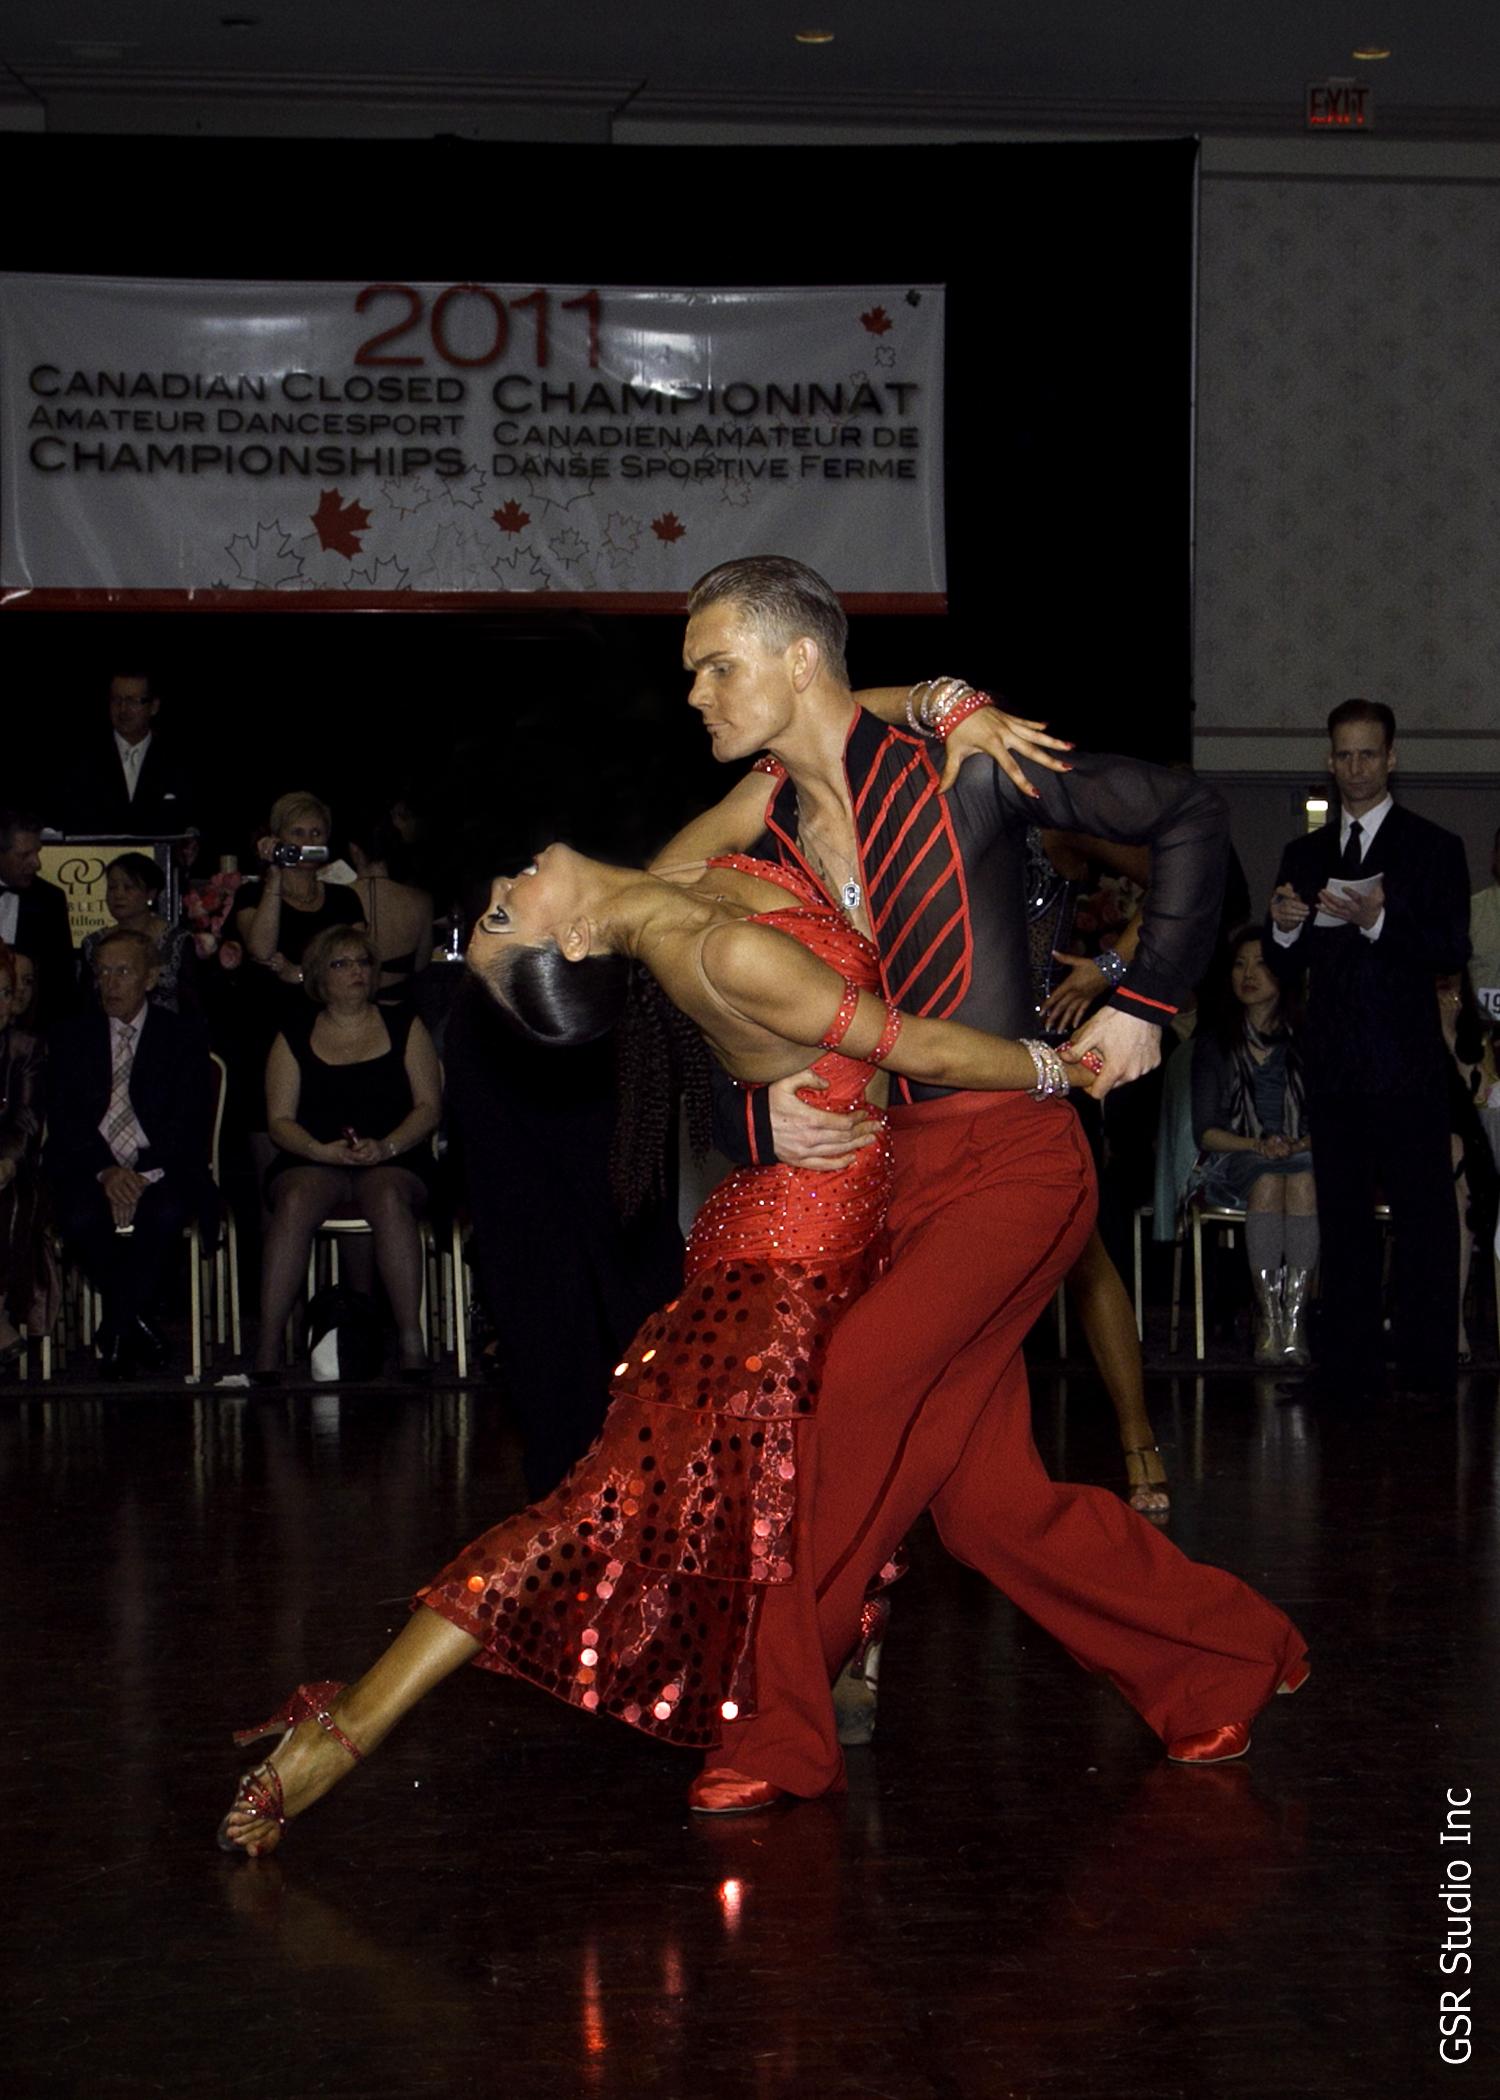 Sarah-Maude Thibaudeau et Daniel Studenny - Championnat canadien fermé de Danse Sportive